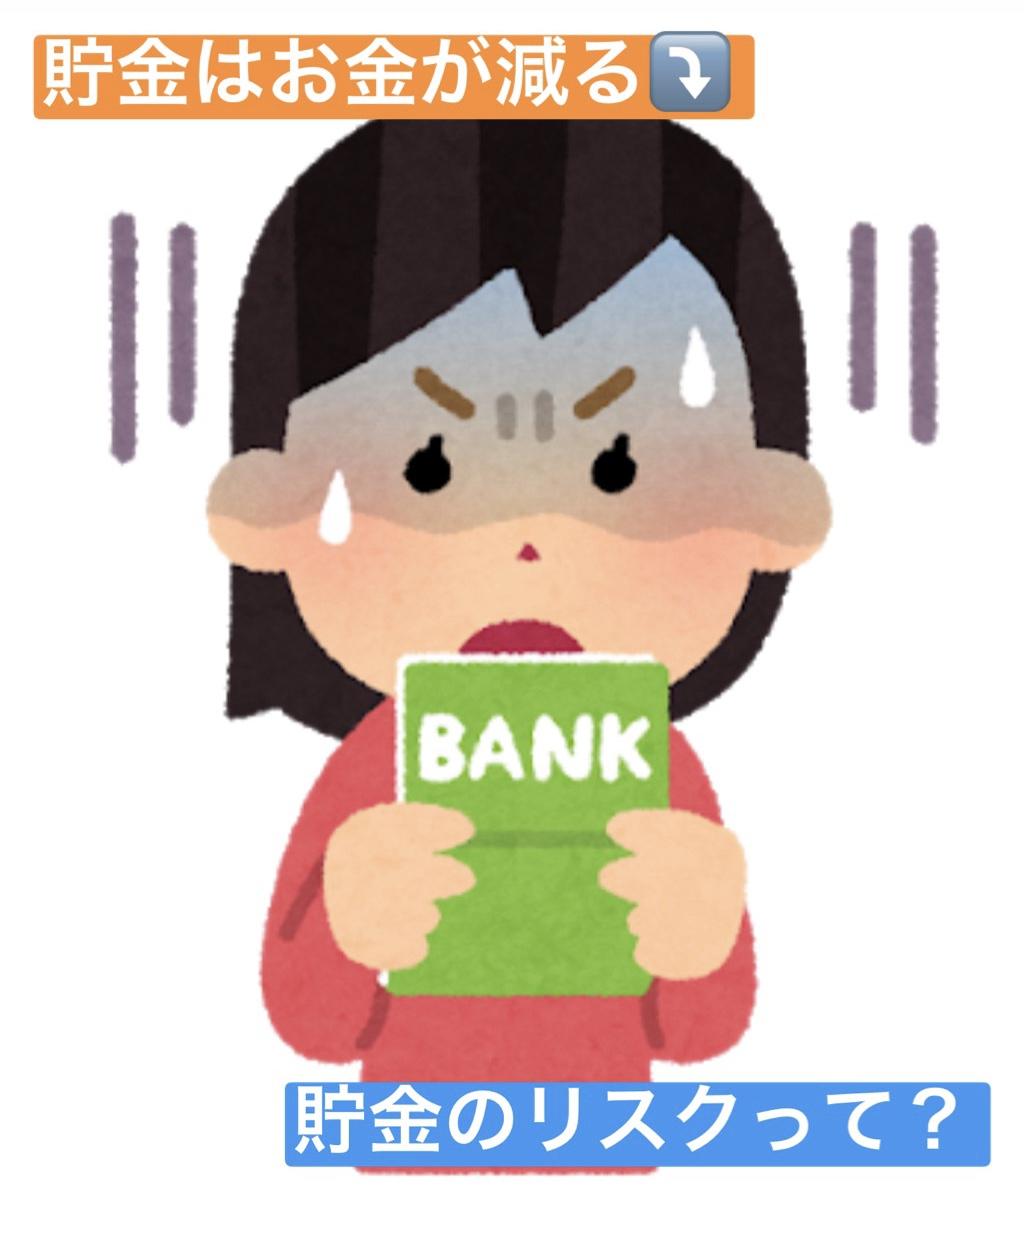 貯金はお金が減る?貯金に潜む見えないリスクとは。